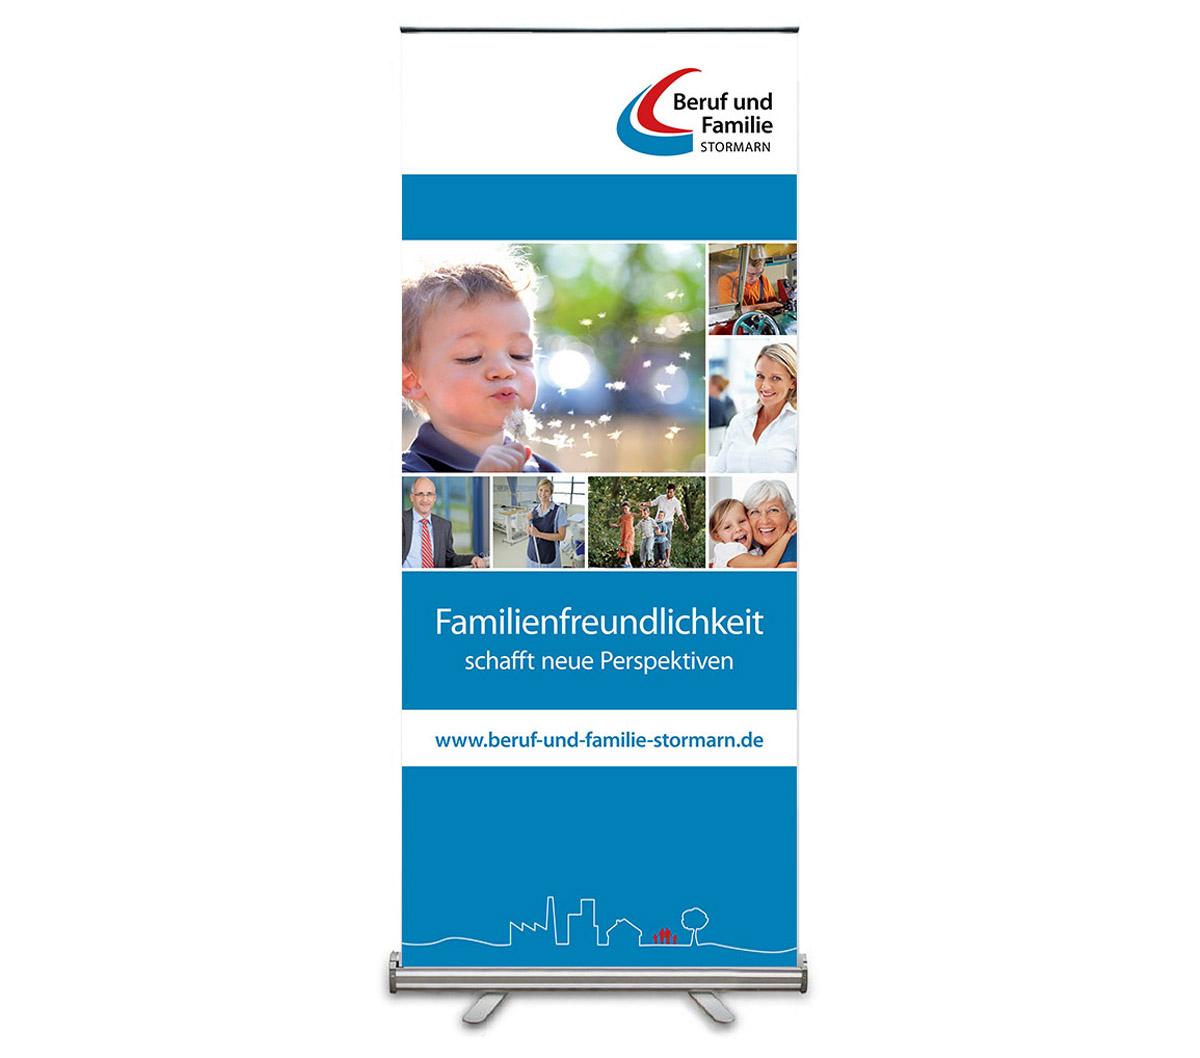 Werbedesign Bannerdesign für Stiftung Beruf und Familie Stormarn